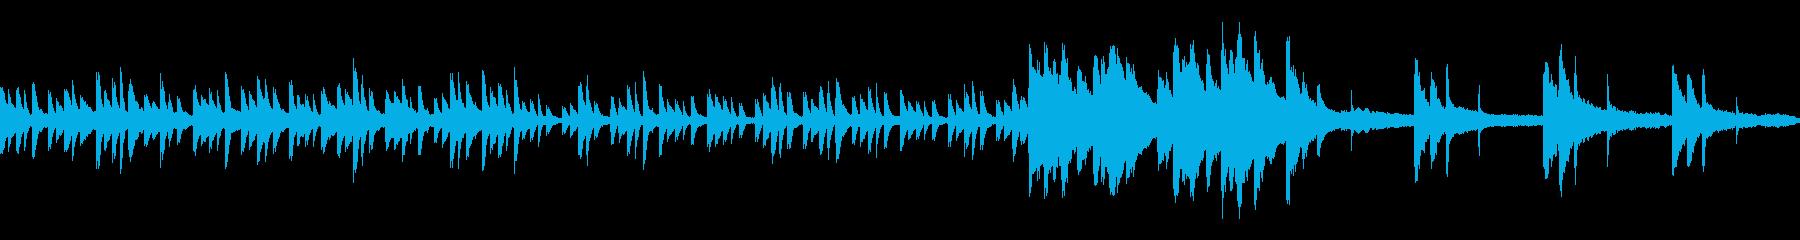 水のピアノ 涼しげ生演奏 ループ素材の再生済みの波形